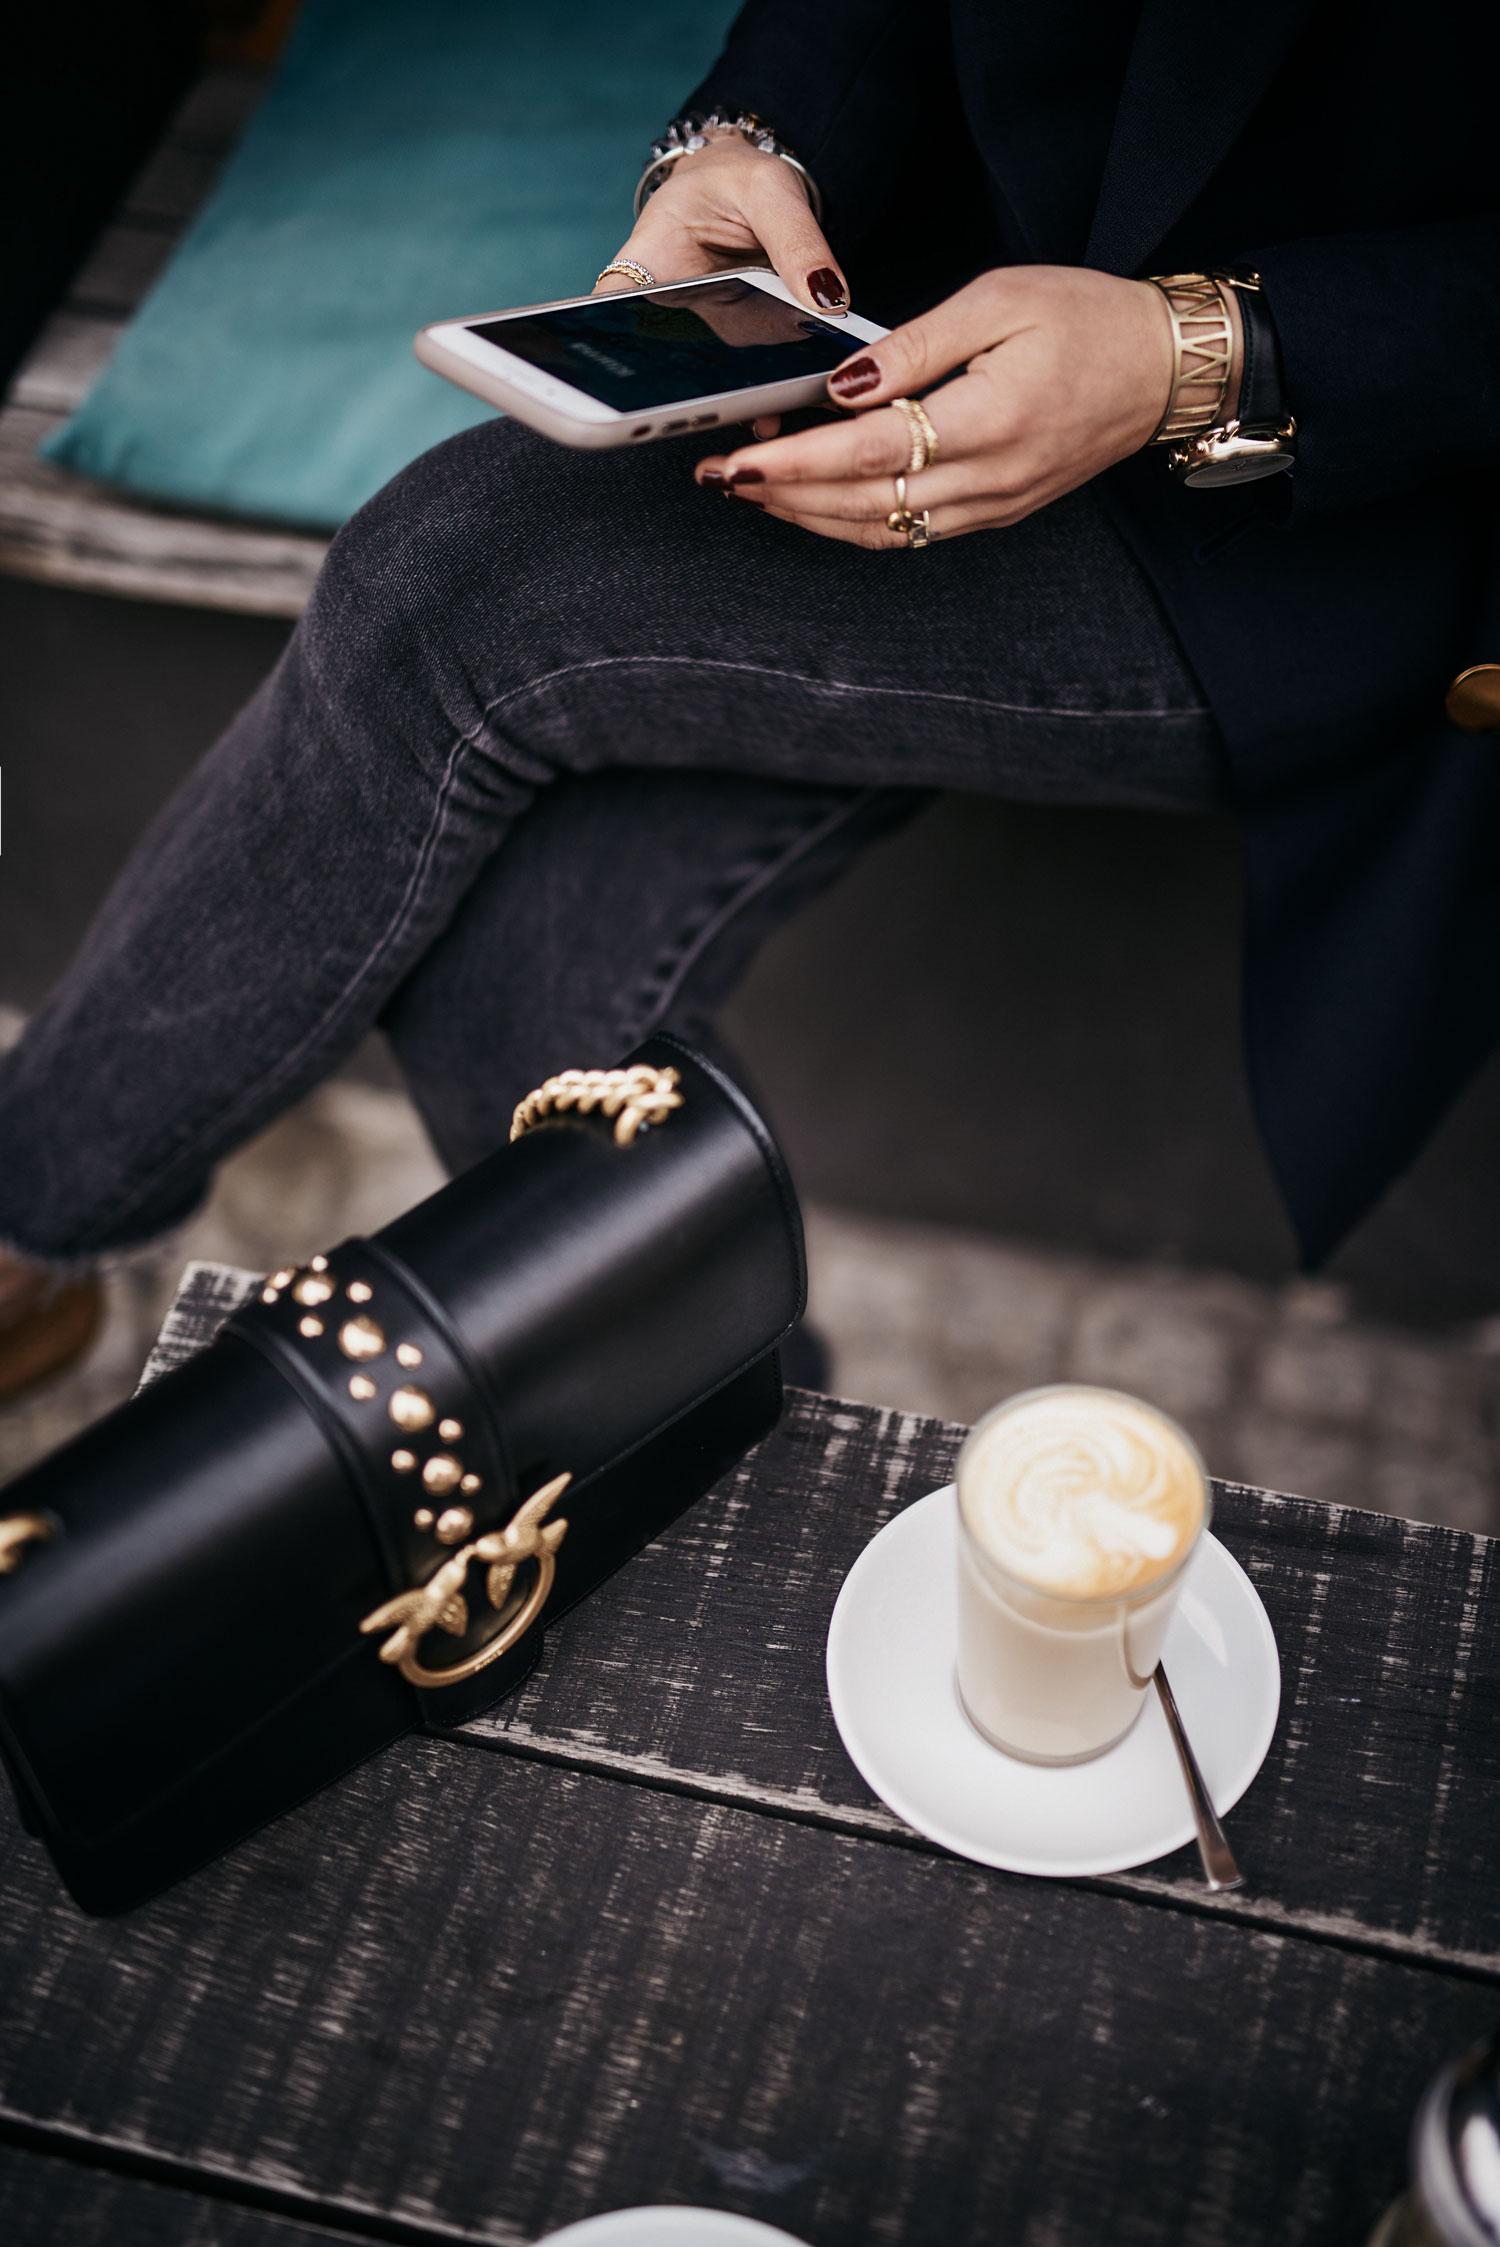 Анализ тренда: Пояс-корсет | как носить его в офисе | вдохновляющий образ | стиль: шикарный, элегантный, сексуальный,  Korsage, Zara, Mango, Cos, золотые ботинки